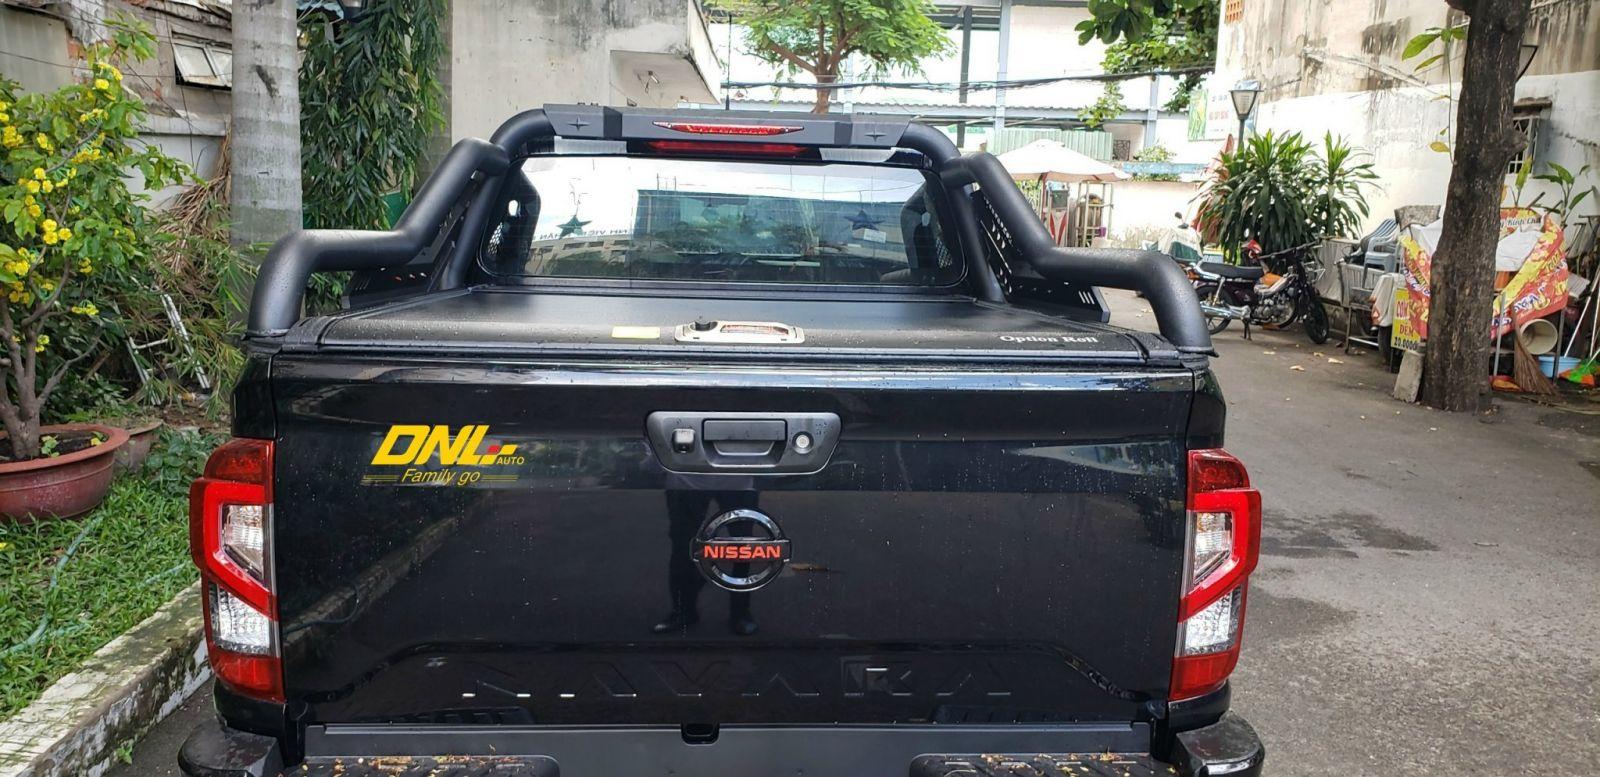 Thanh thể thao xe bán tải nissan navara 2021